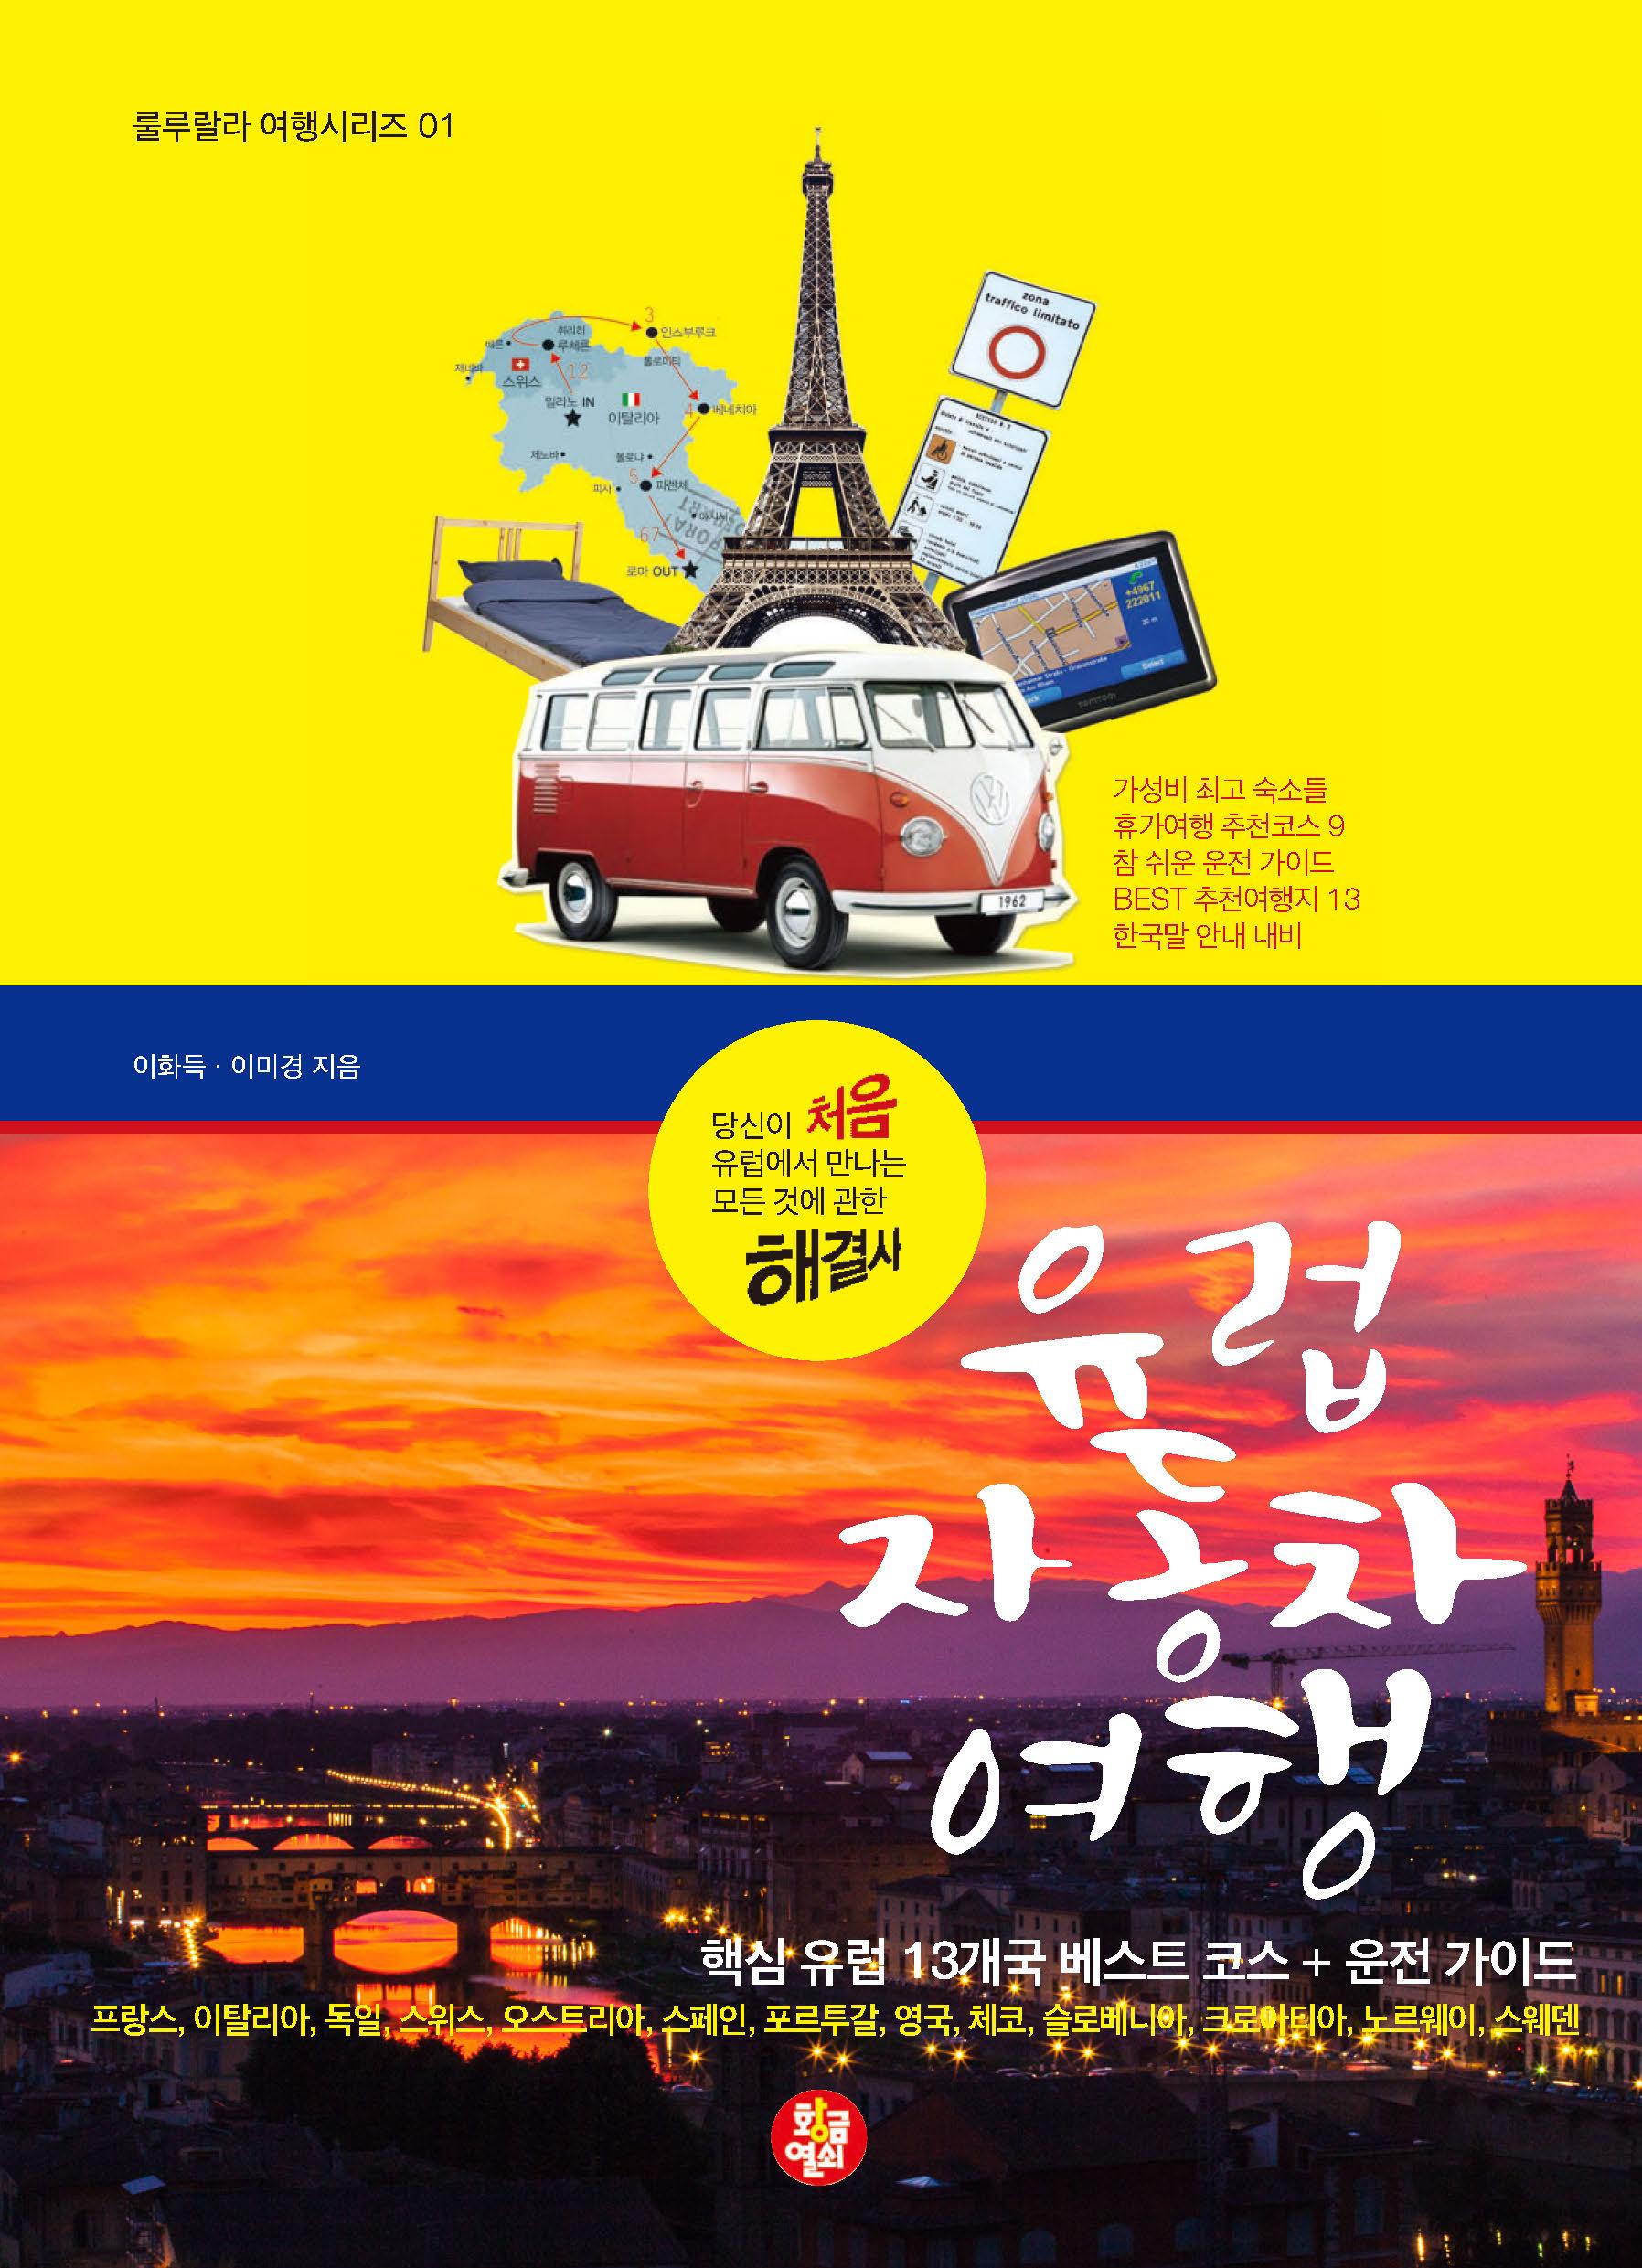 [룰루랄라 여행시리즈 01] (종합편) 유럽 자동차 여행 : 핵심 유럽 13개국 베스트 코스+운전가이드